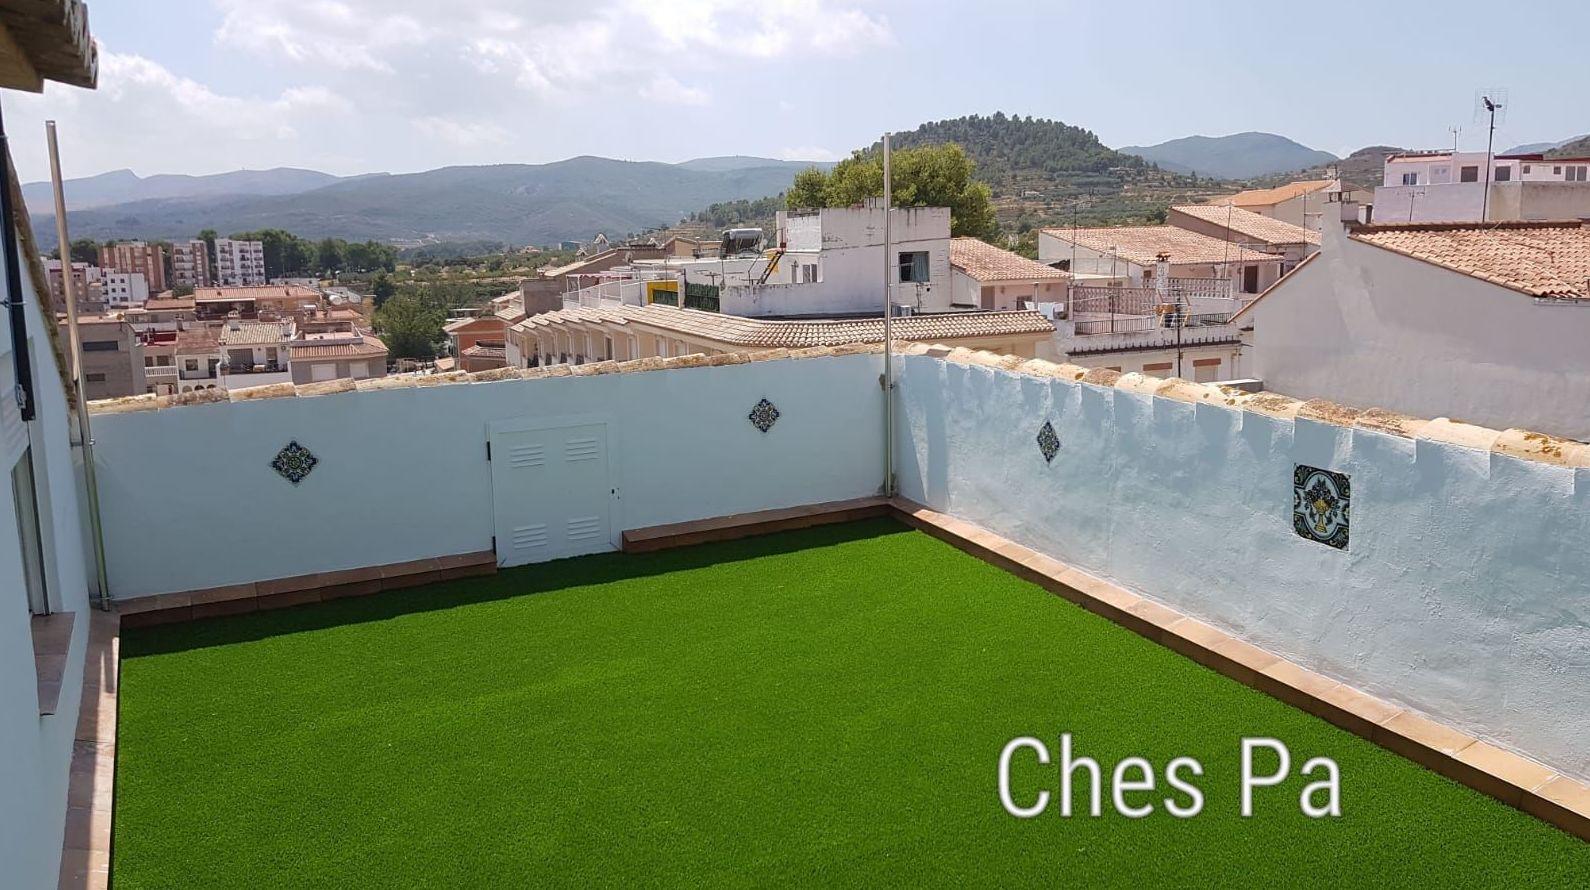 Proyecto integral en terraza, spa, maderas, toldo vela, césped artificial.